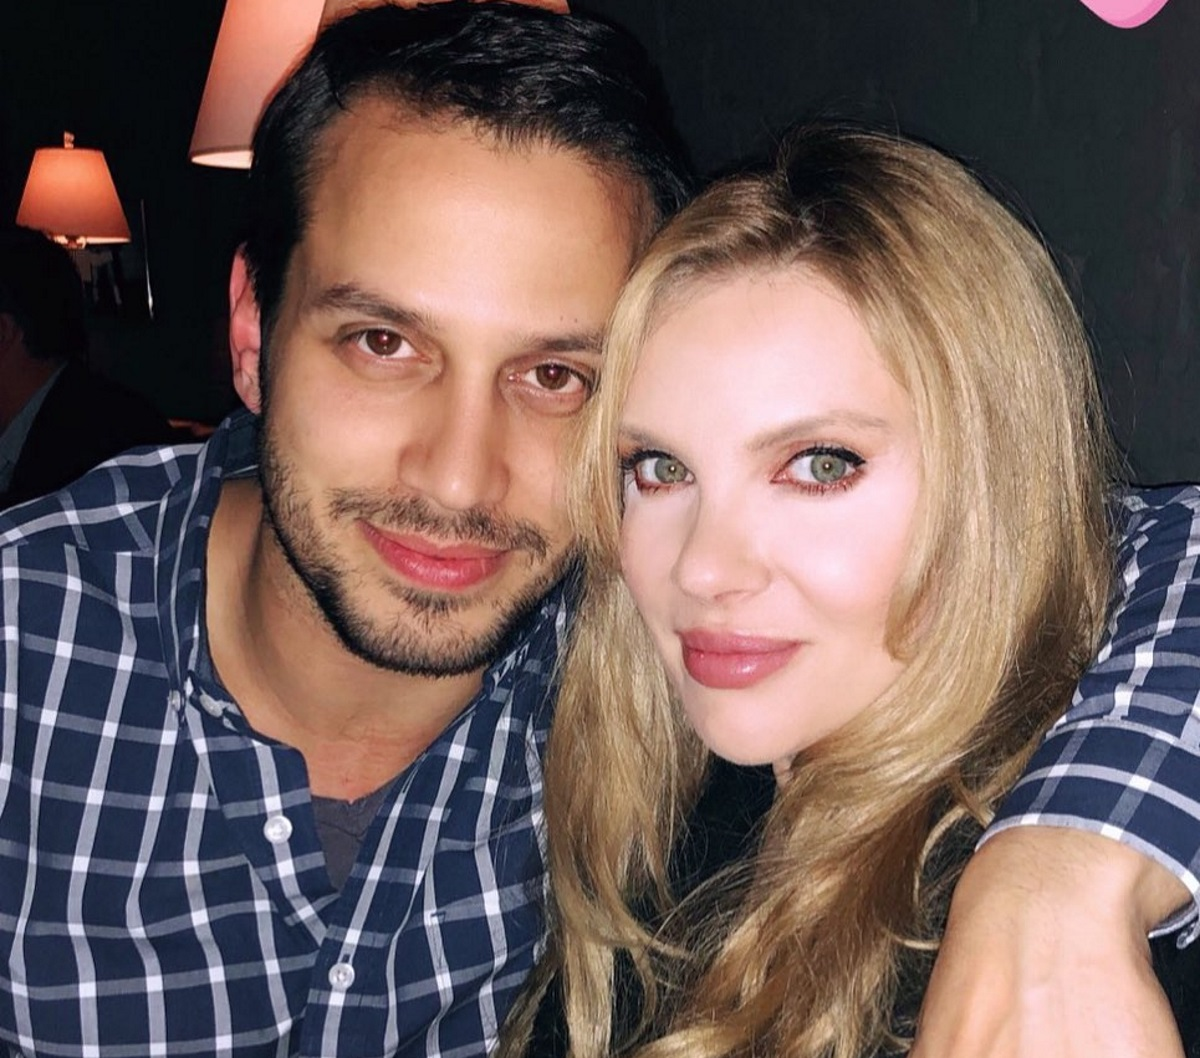 Χριστίνα Αλούπη: Τρολάρει τον σύζυγό της… που δεν μπορεί να διαβάσει ελληνικά! Δες το απολαυστικό βίντεο